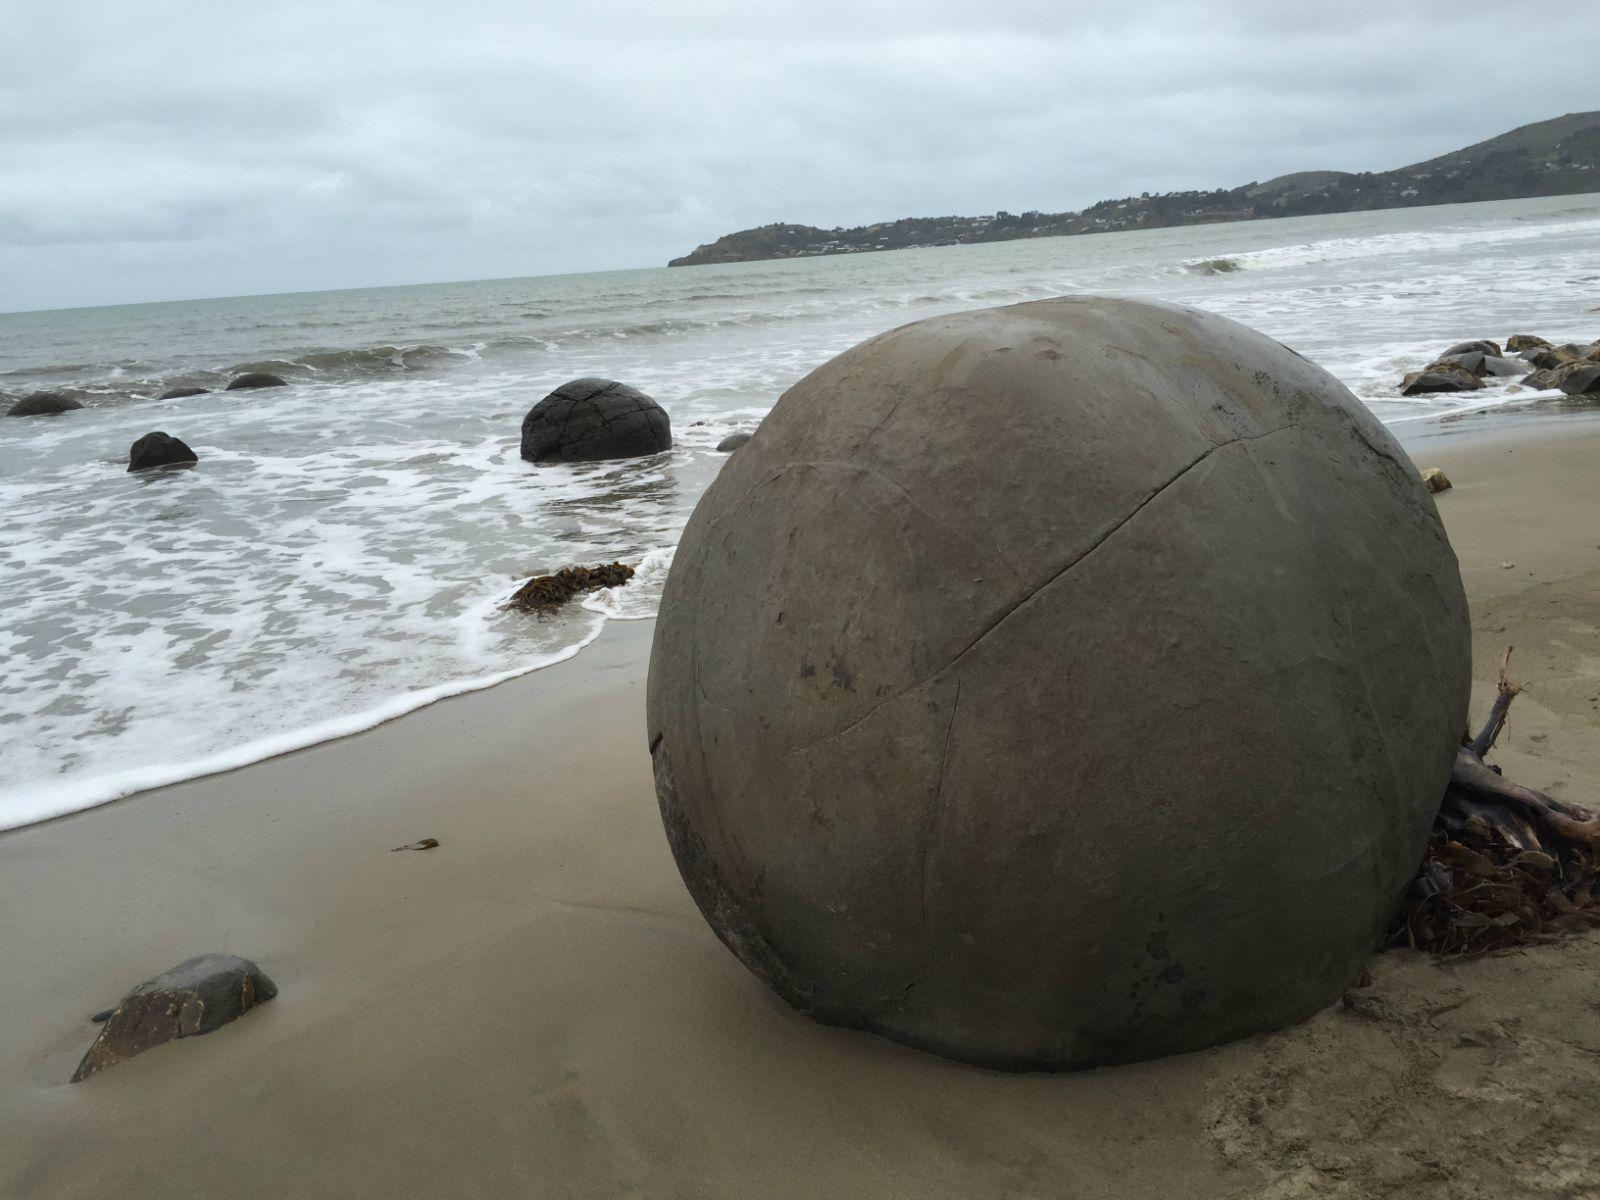 它的形状之圆,内结构之神奇,使每一位见到这些石头的人都不得不从心底